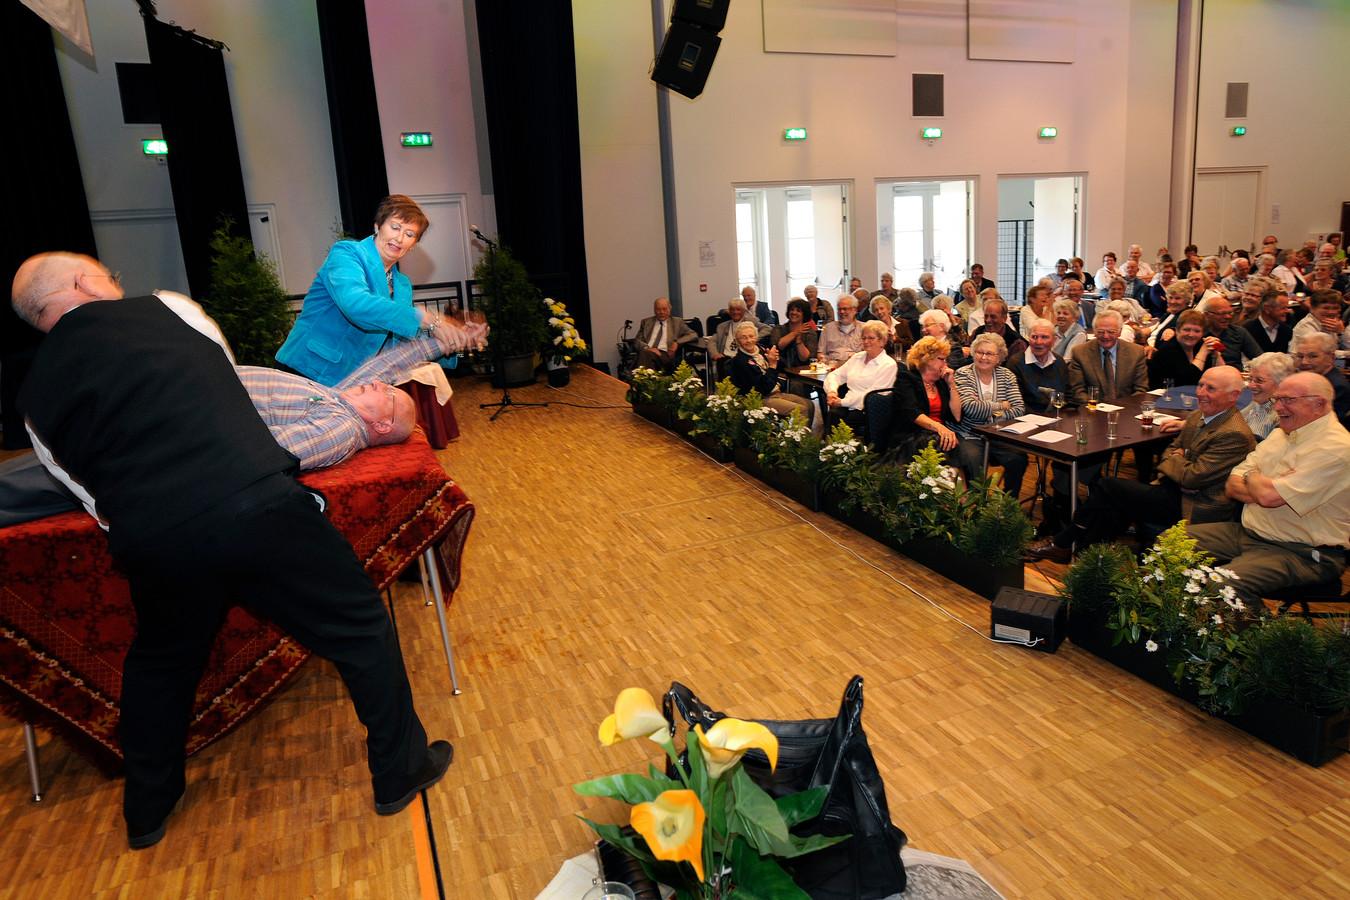 Toneelvoorstellingen zaten er vorig jaar ook in Den Boogaard niet in.